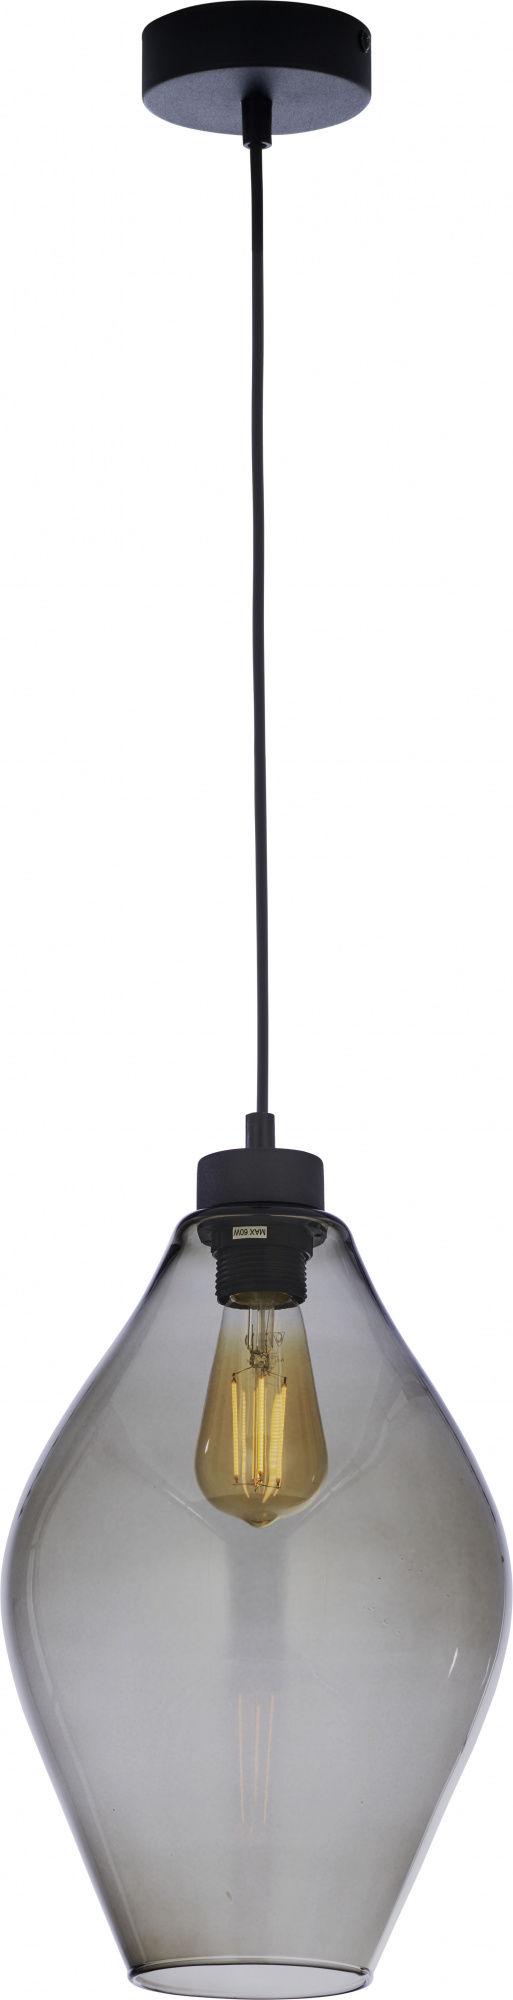 Lampa wisząca Tulon 4192 TK Lighting nowoczesna oprawa w kolorze grafitowym